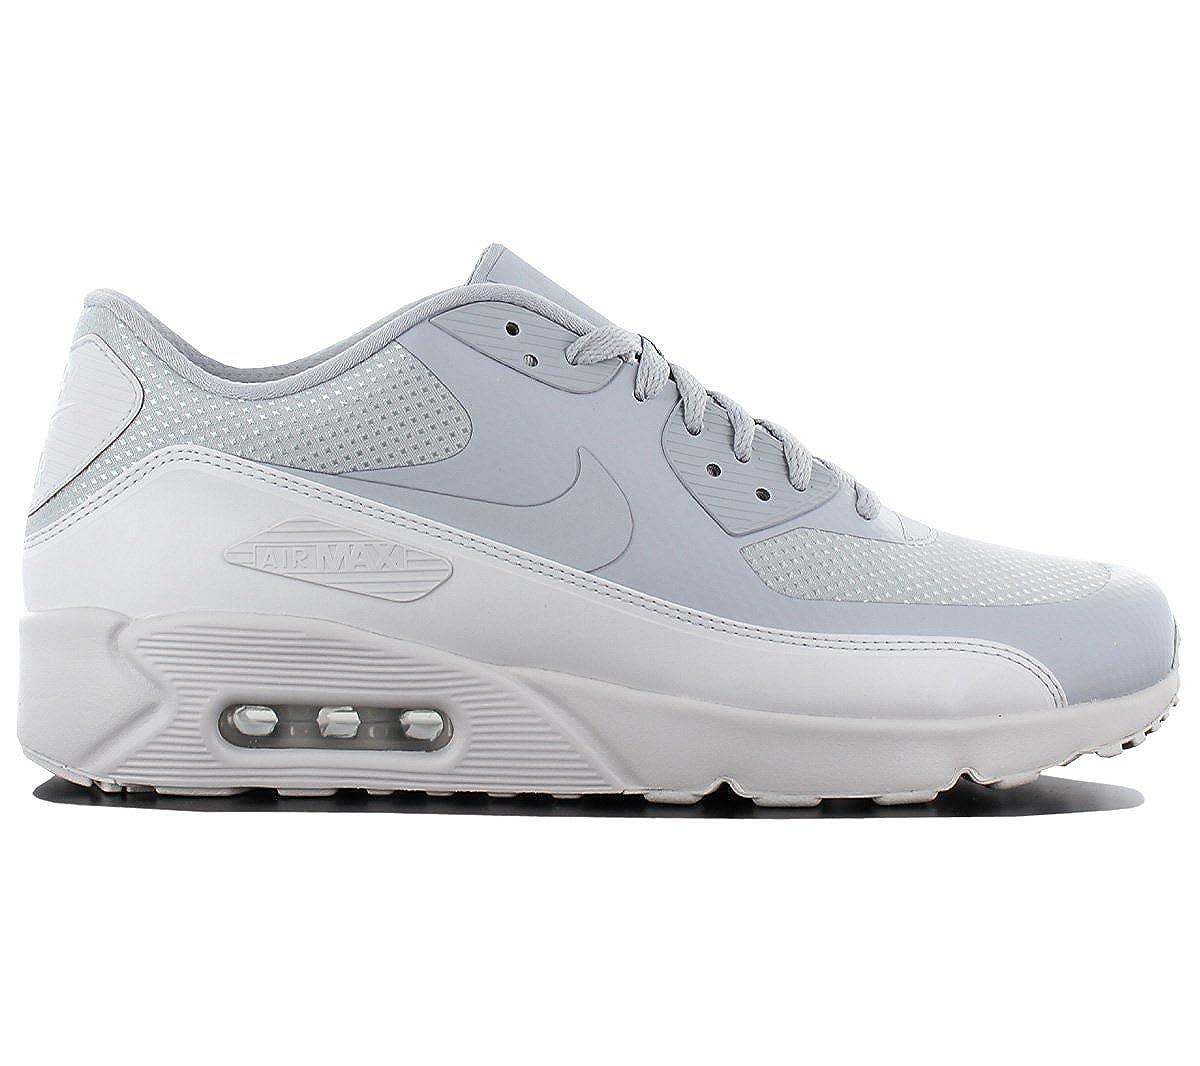 Nike Air Max 90 Ultra 2.0 Essential Herren Schuhe Grau